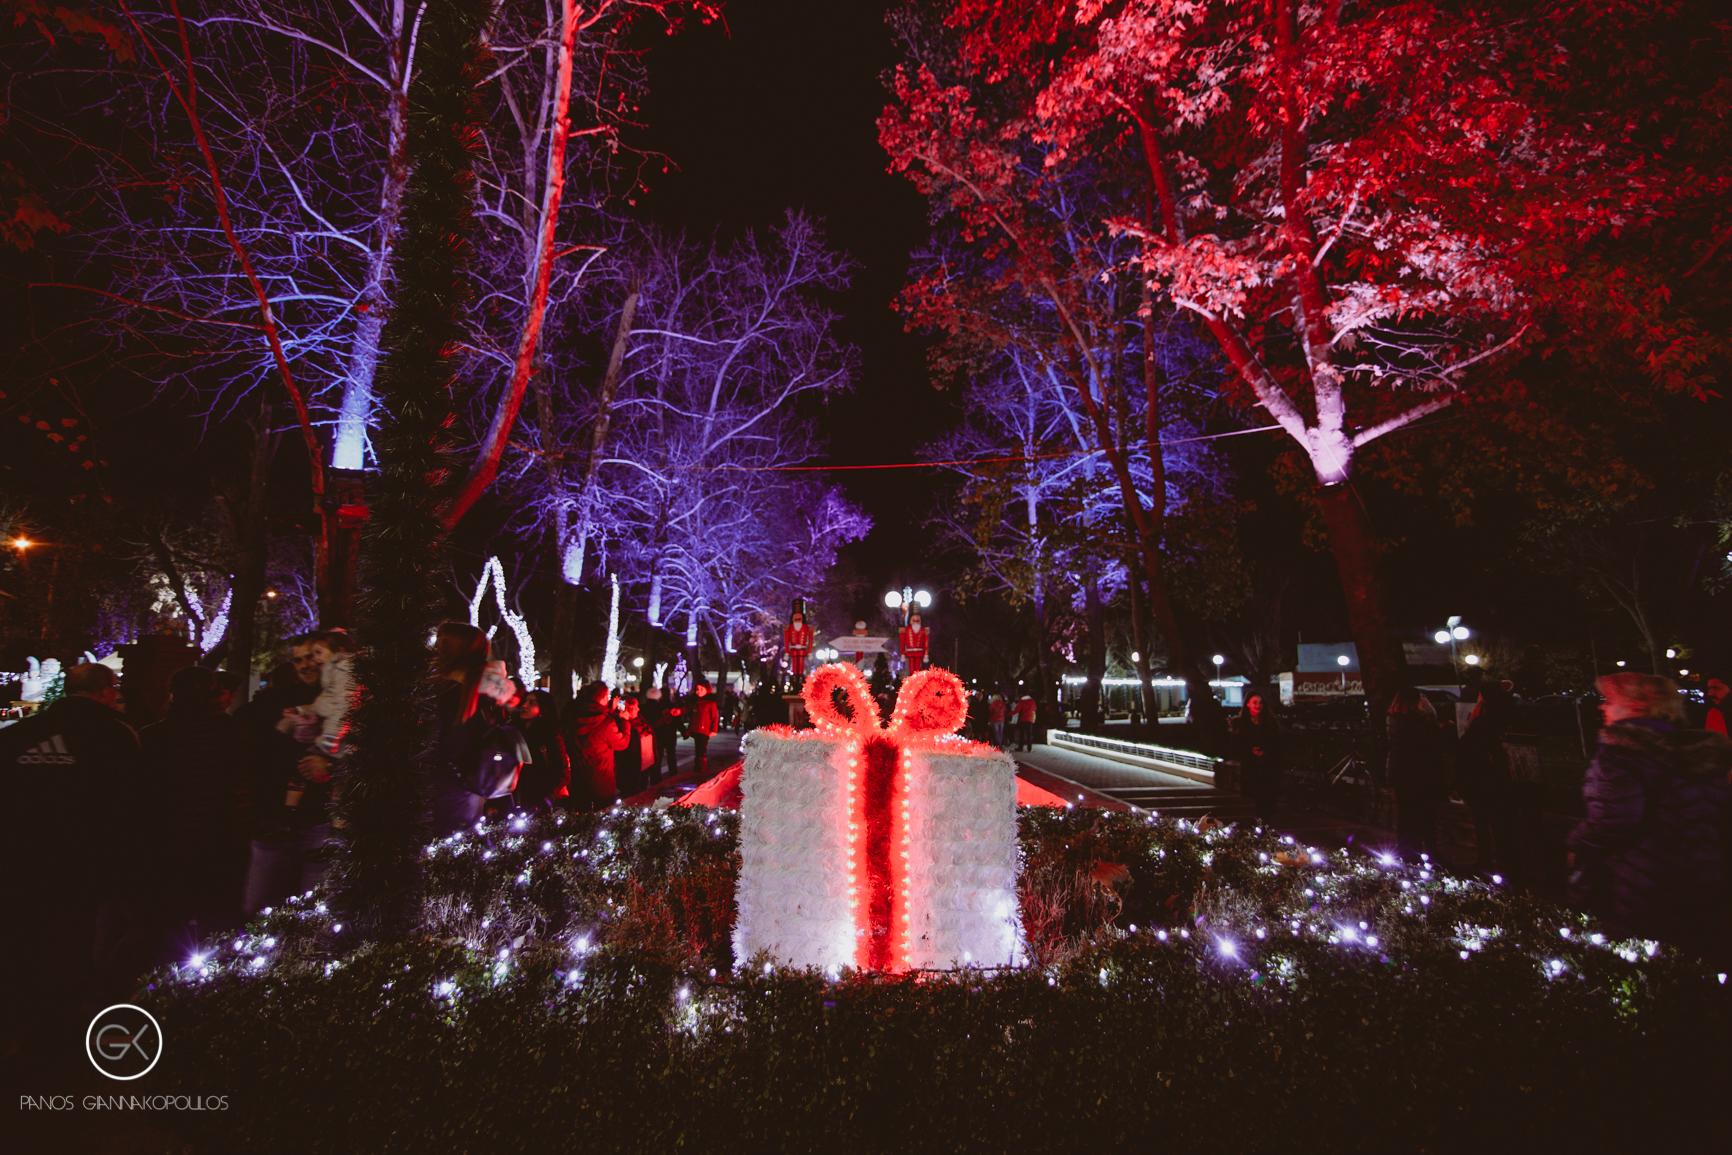 PAN 6237 - Το Πάρκο των Ευχών μέσα από το φακό του Πάνου Γιαννακόπουλου!